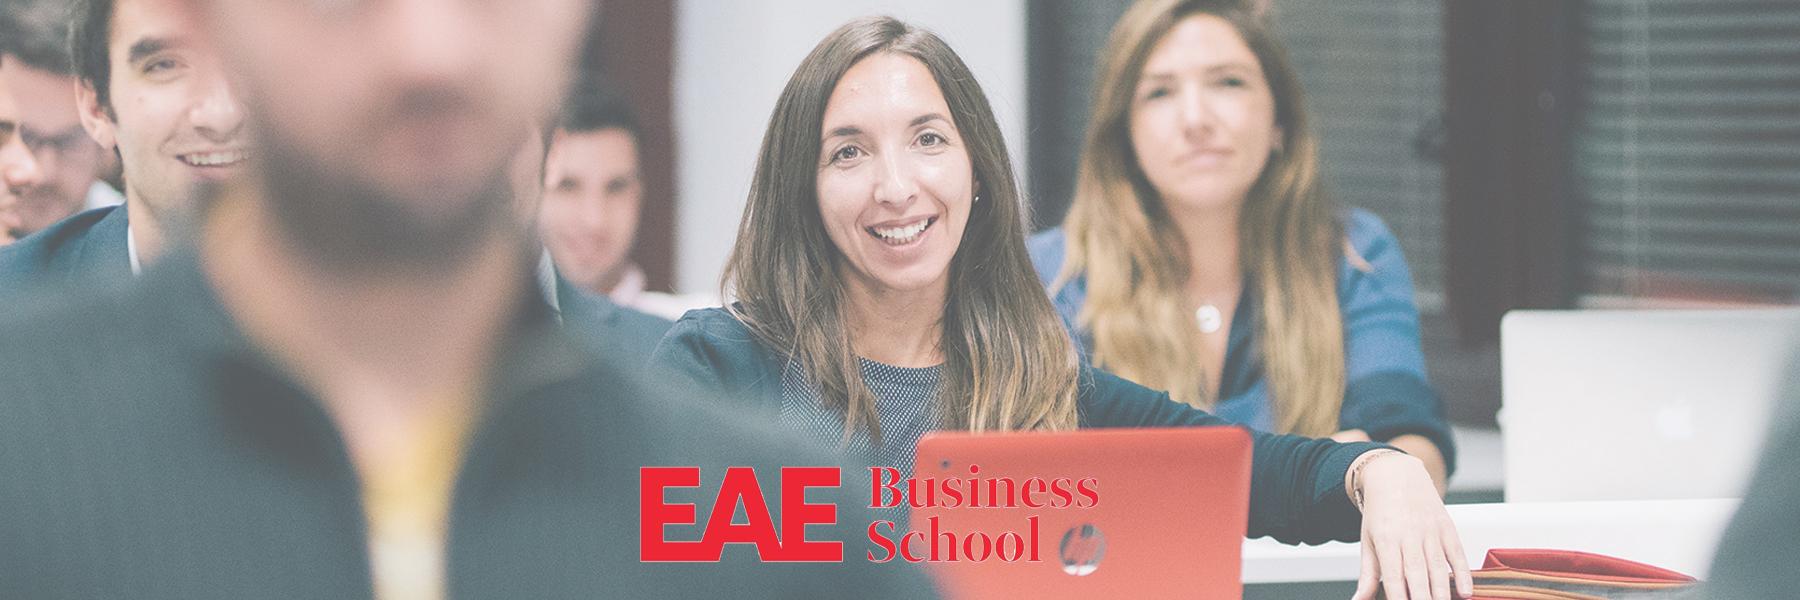 Continúa tu formación profesional con EAE Business School